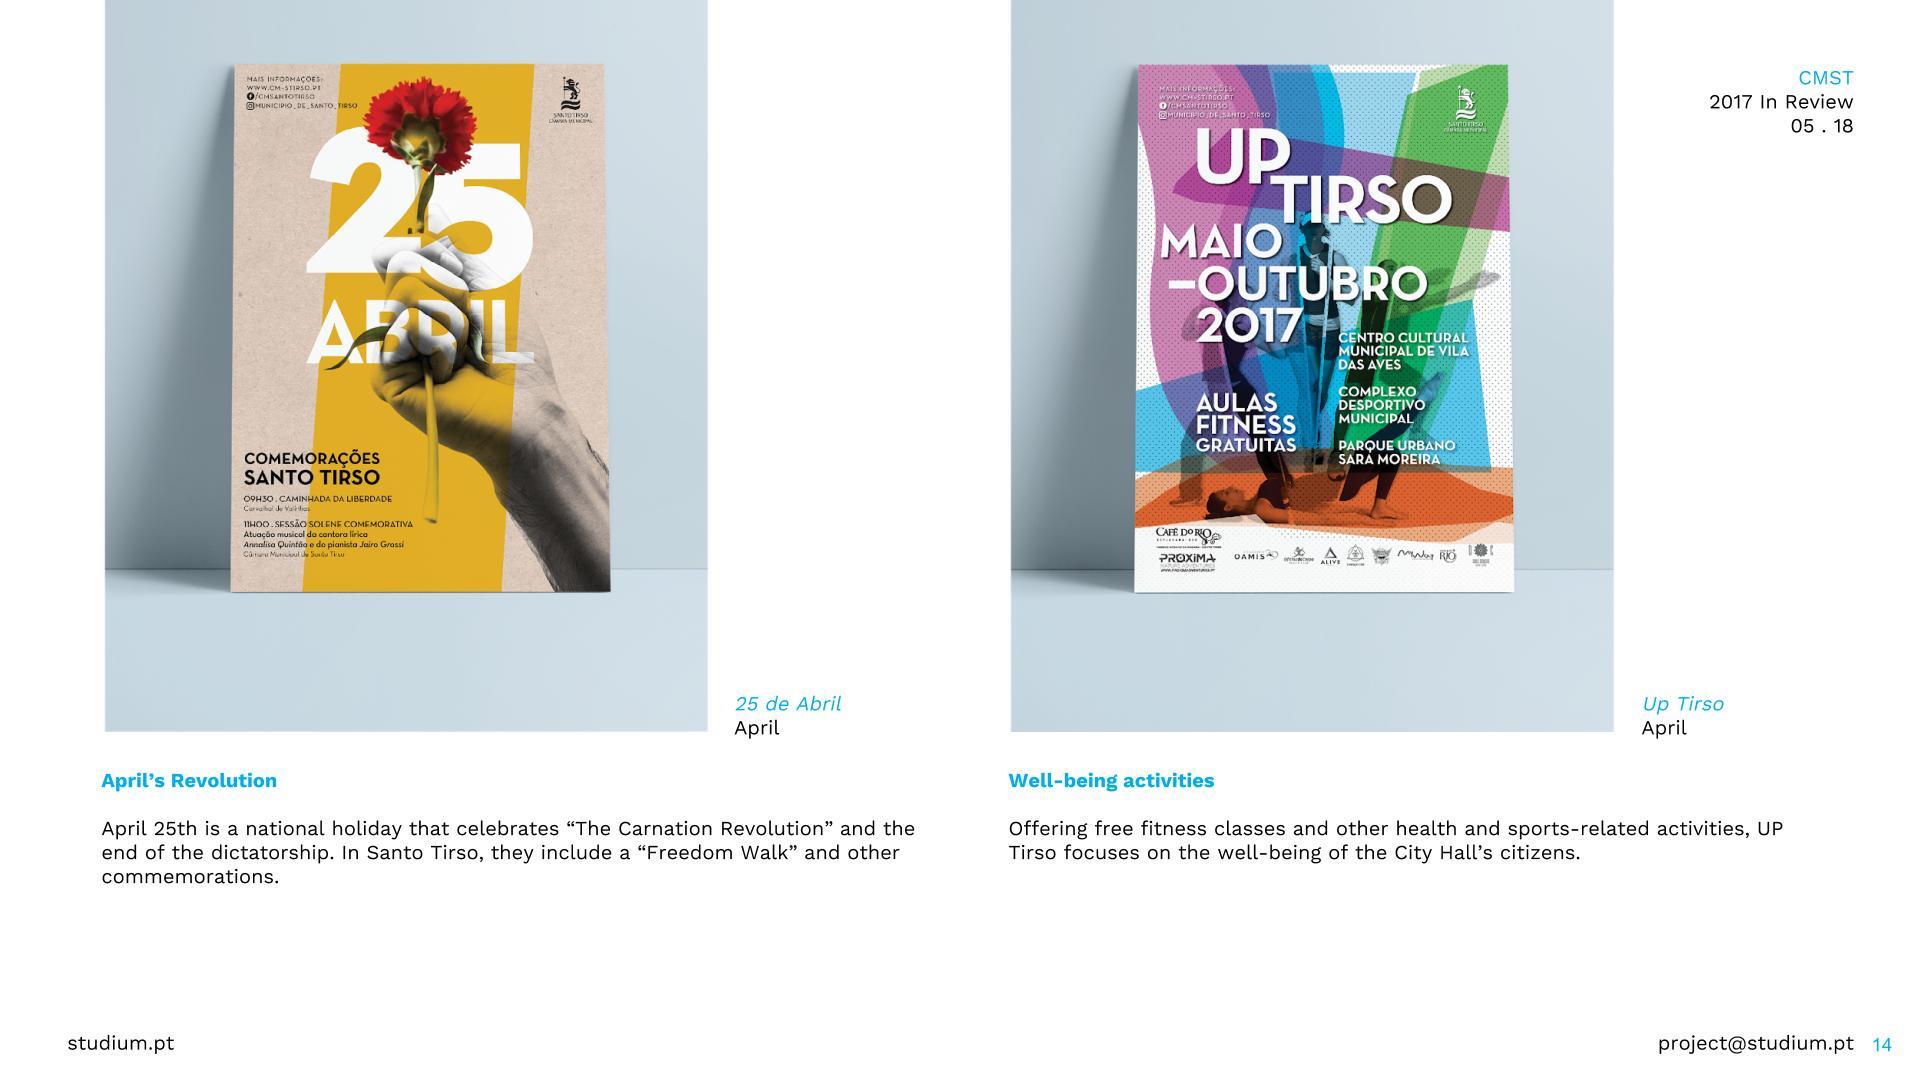 BRD20170006-CMST-Relatório2017-Presentation-PU.01 (13)